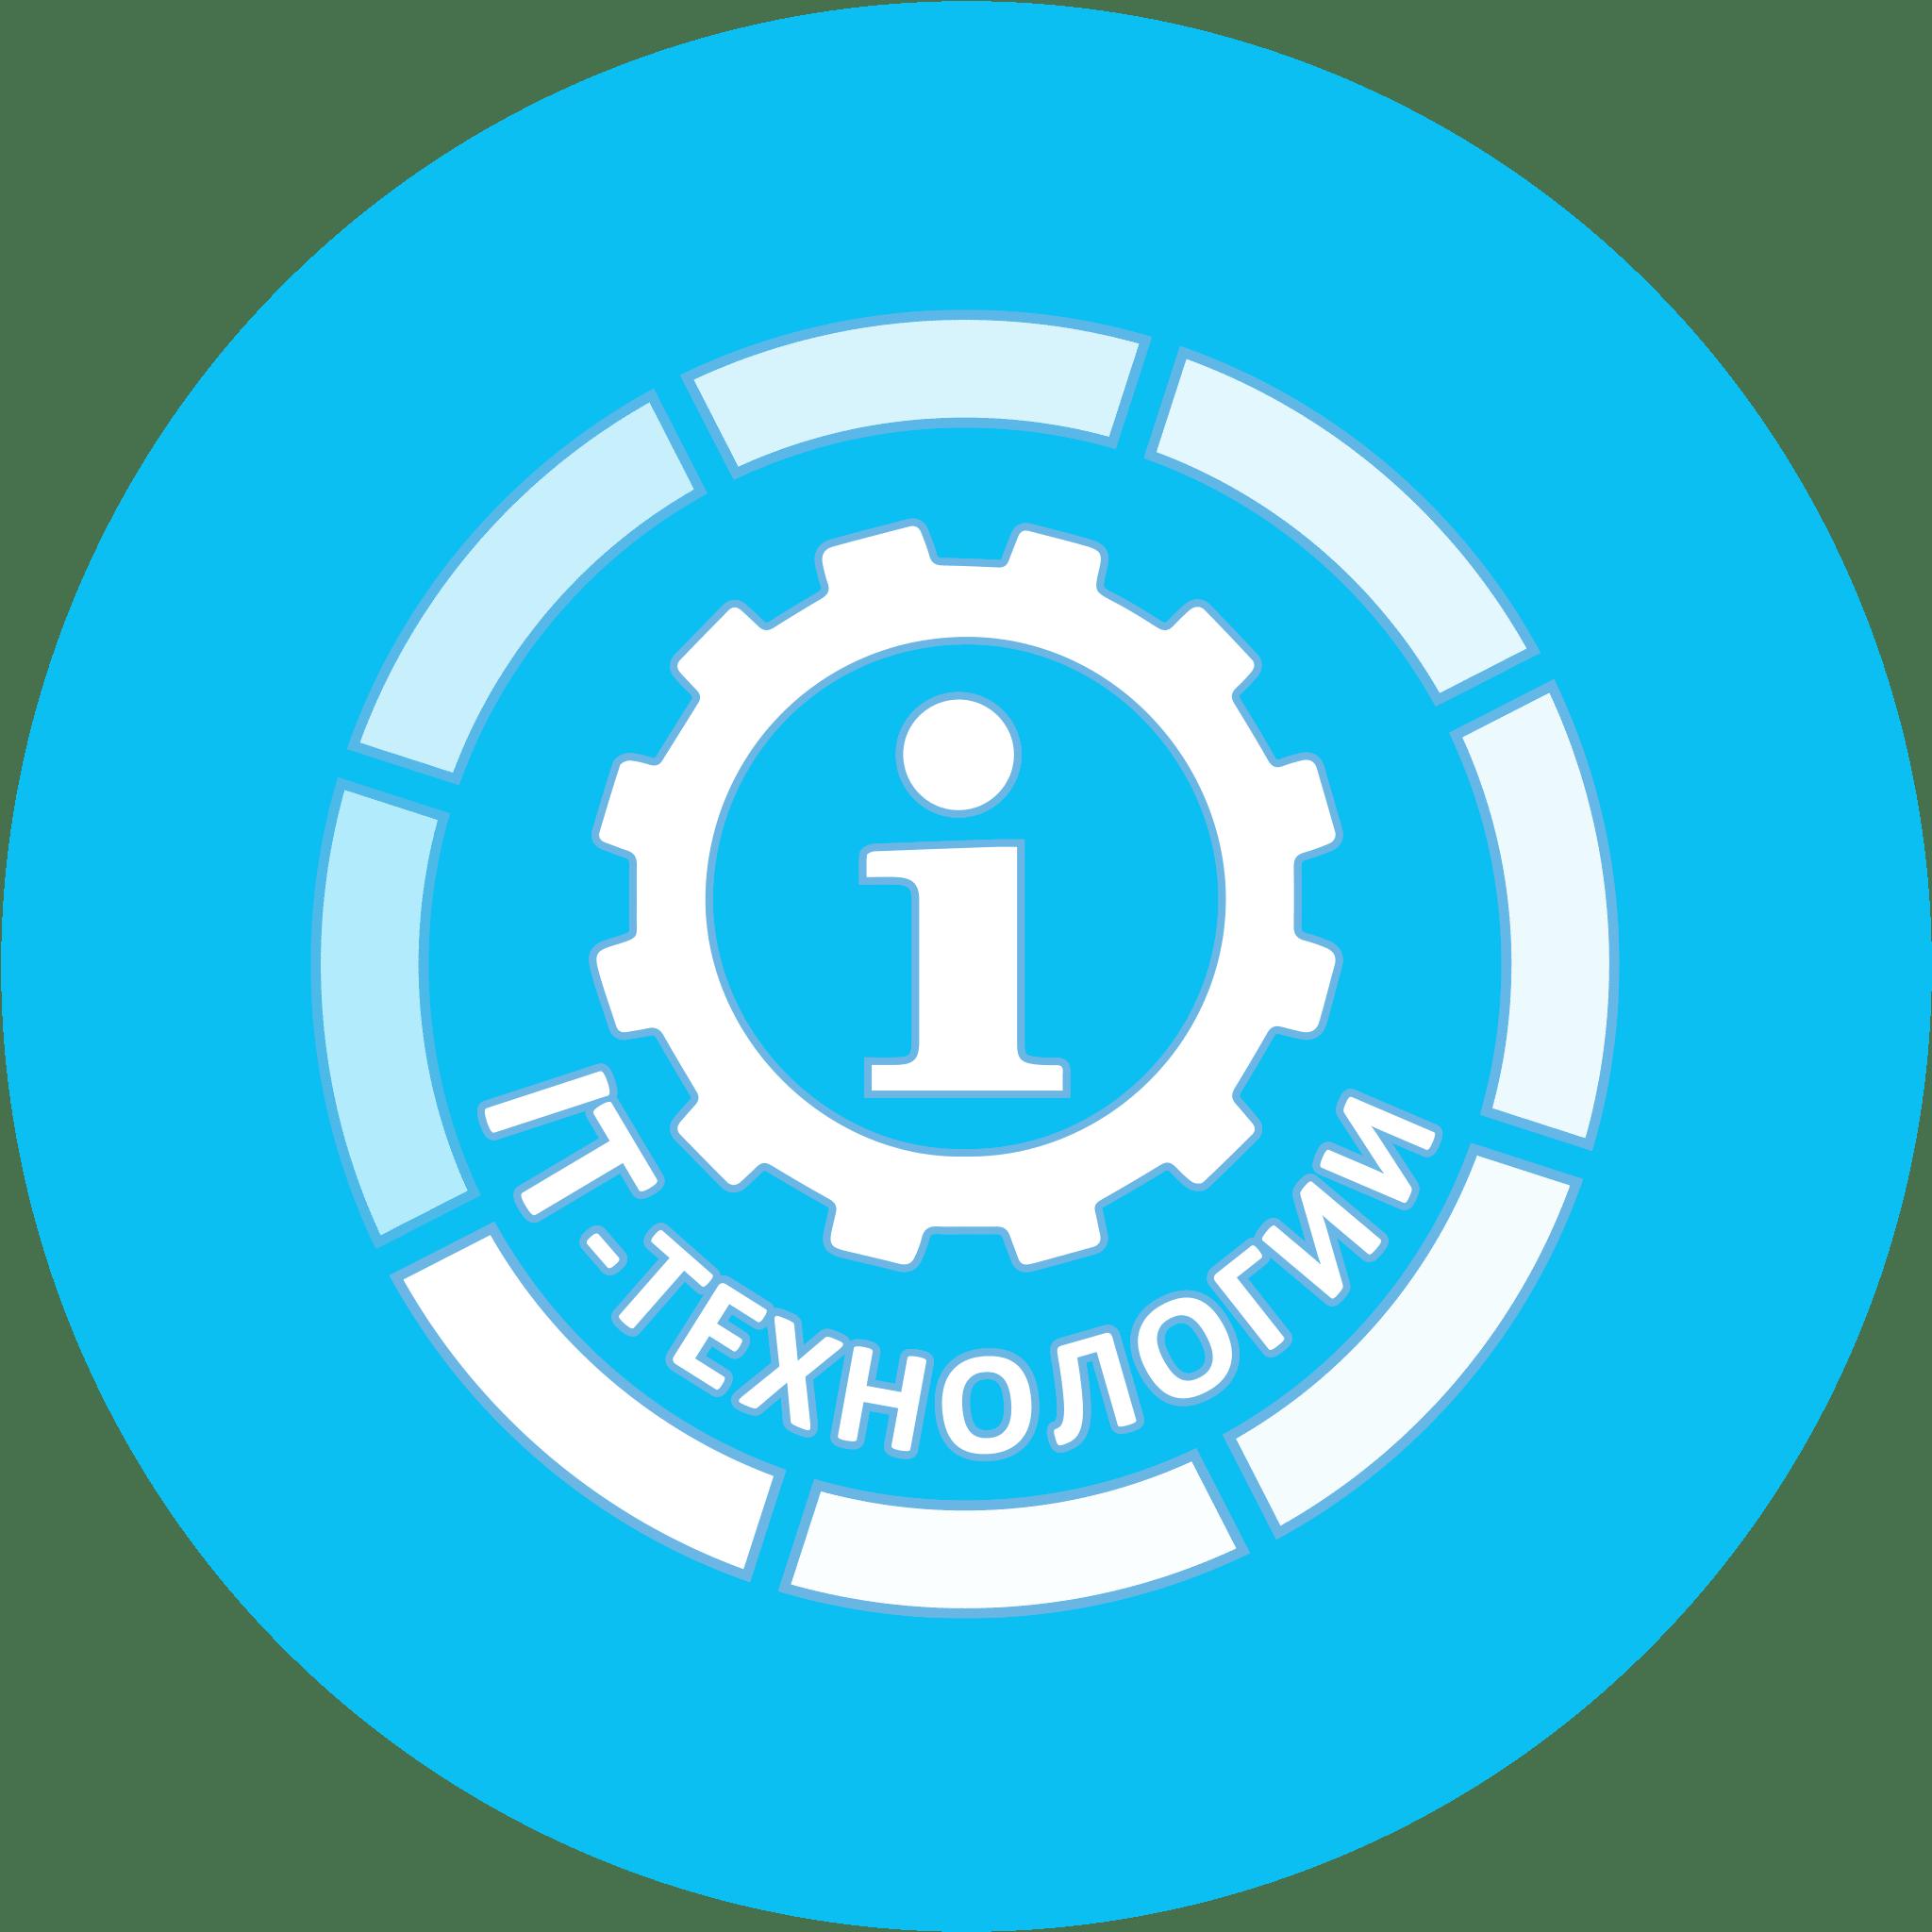 SEO, сайтостроение, основы работы в интернете